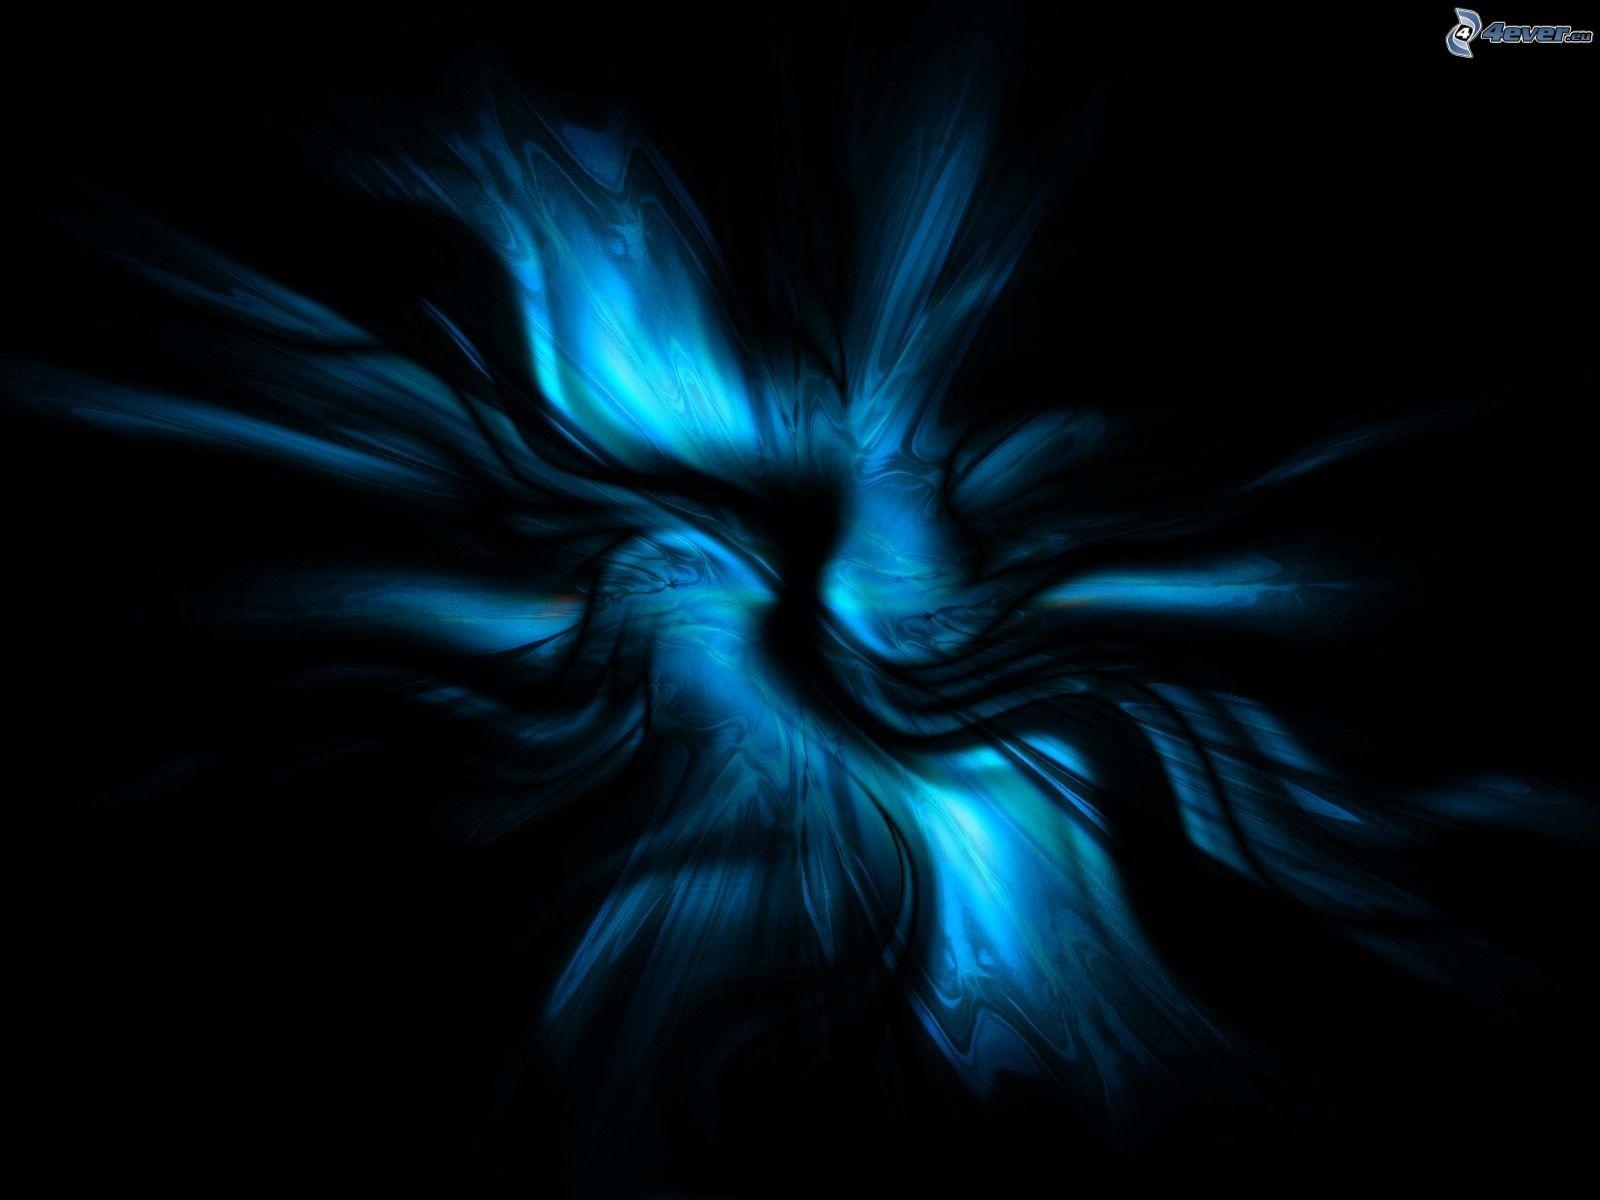 Ondas azules abstractas